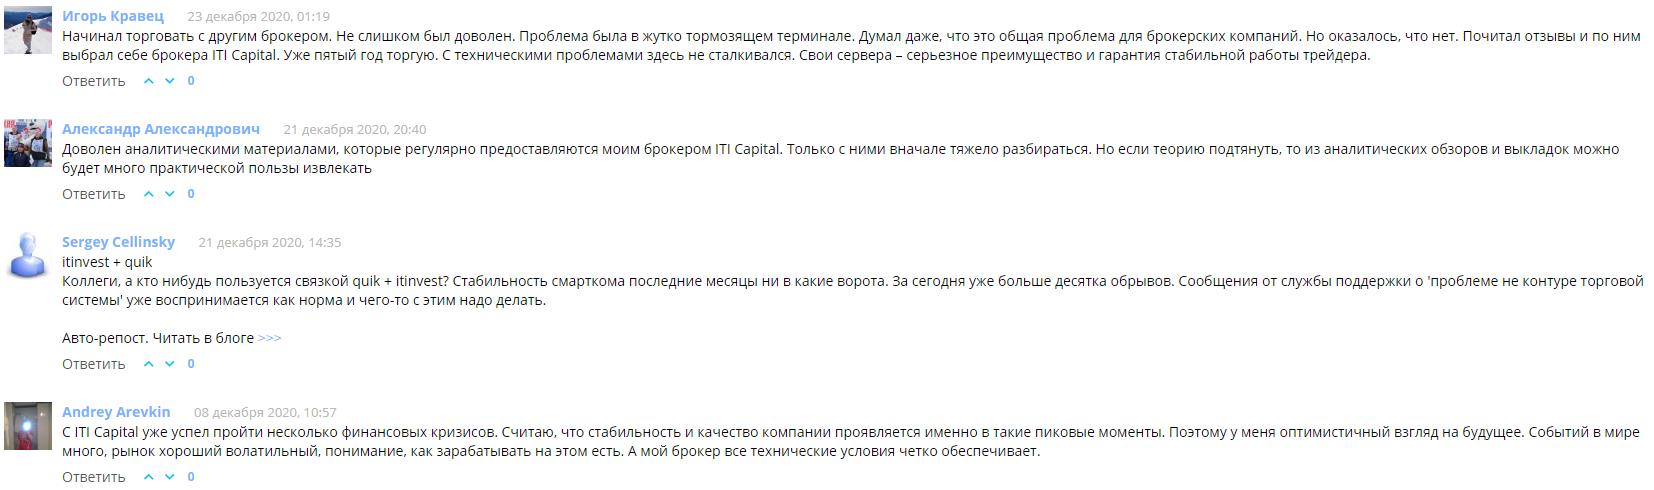 отзывы Инвестиционная компания ITI Capital 1